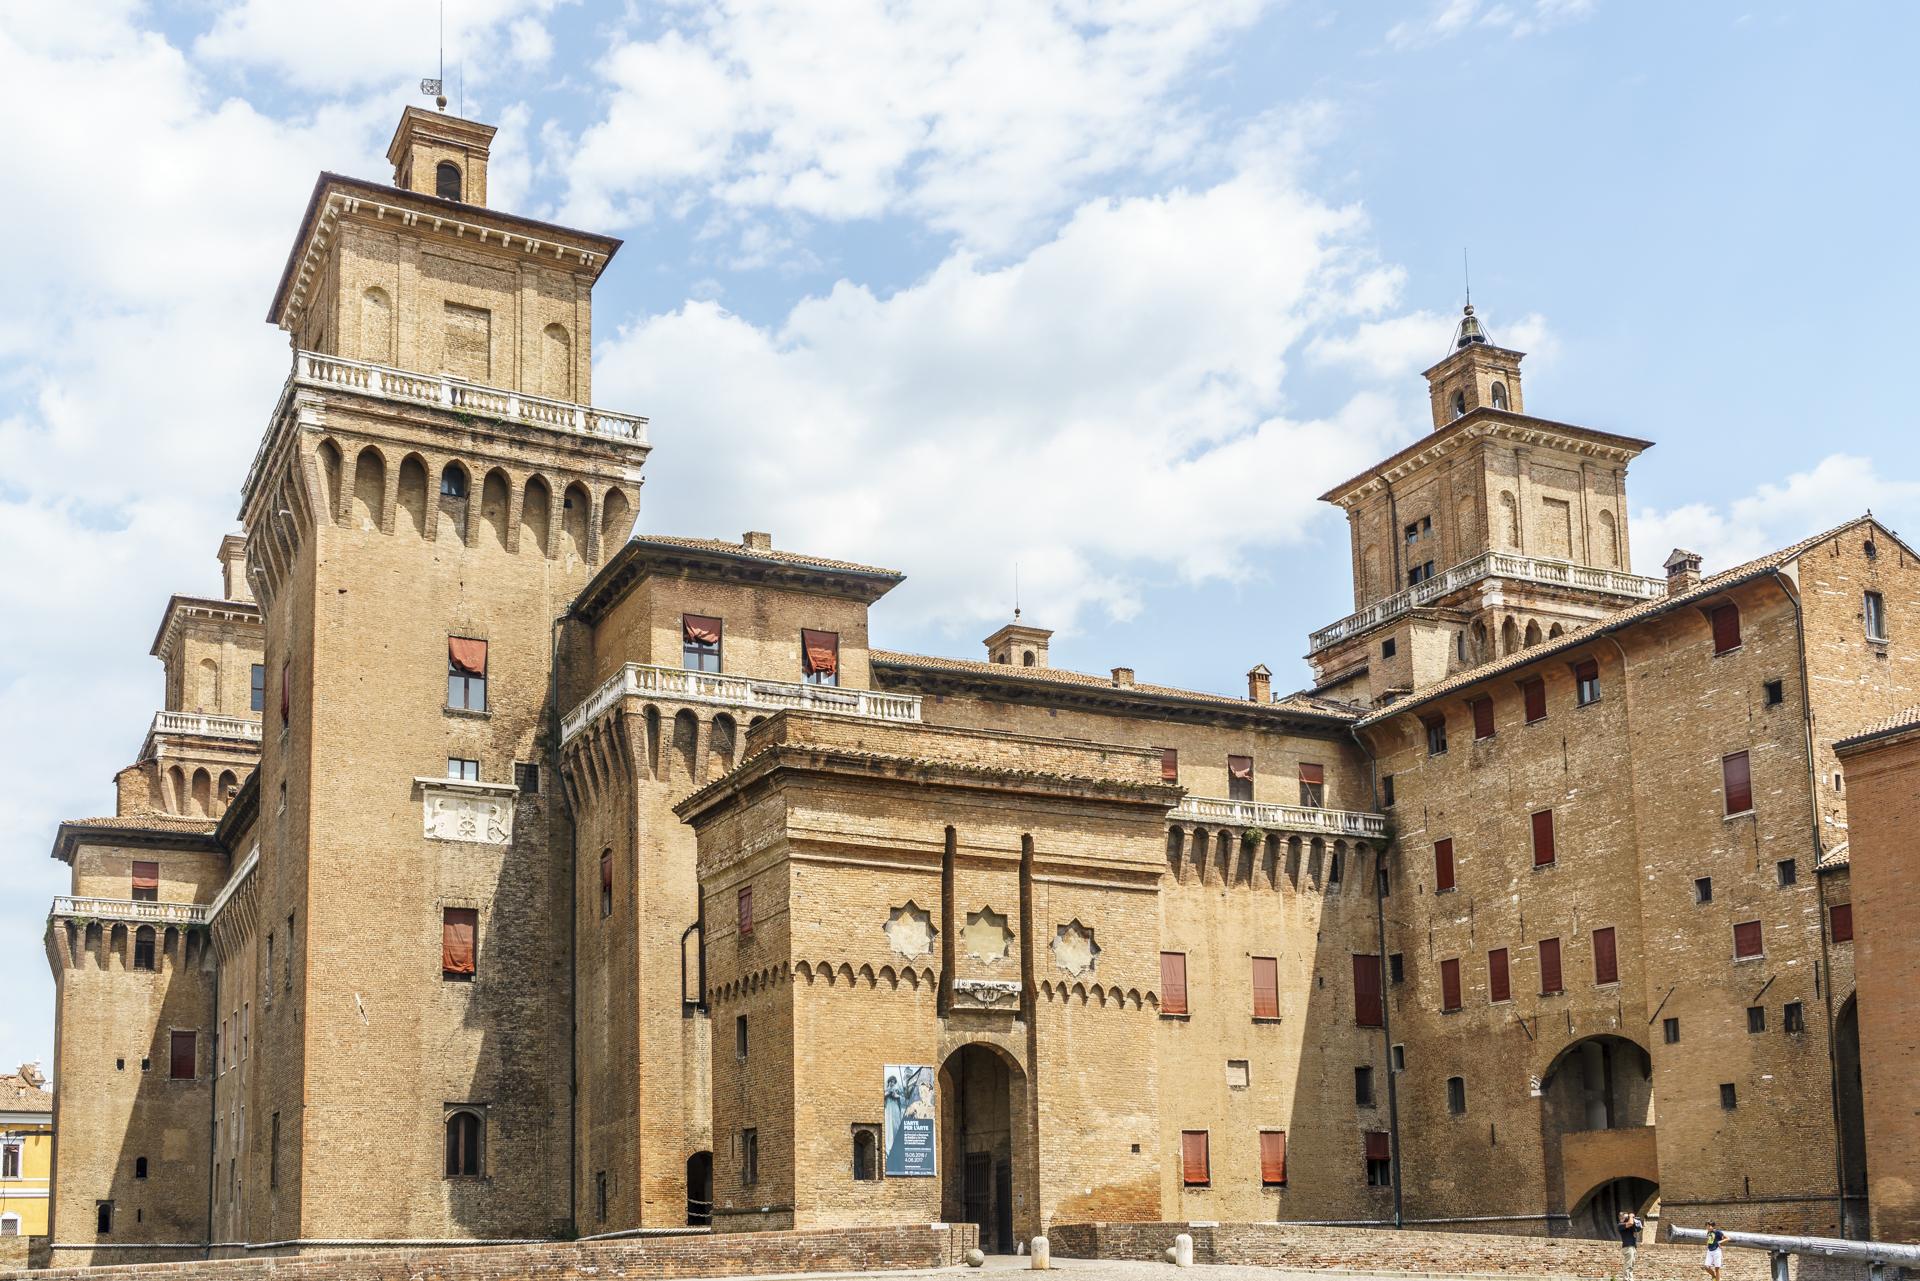 Castello-Estense-di-Ferrara